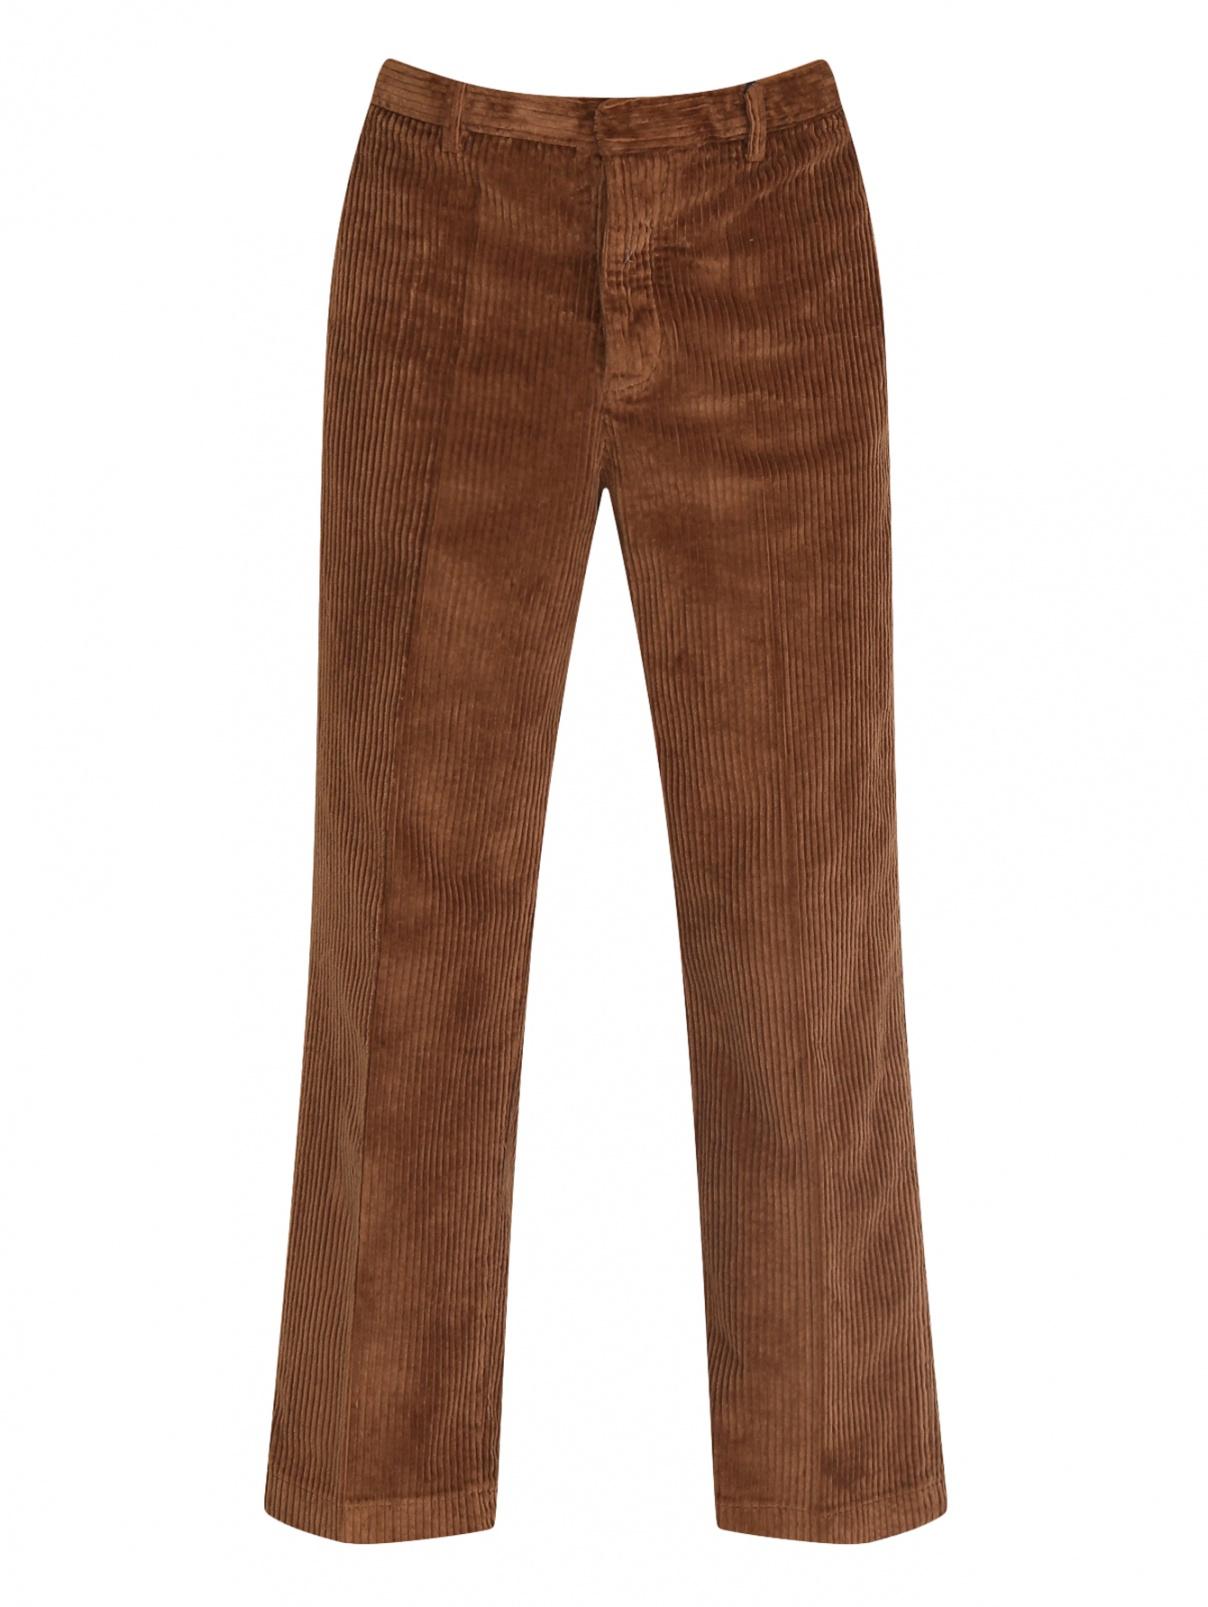 Вельветовые брюки из хлопка Barena  –  Общий вид  – Цвет:  Коричневый